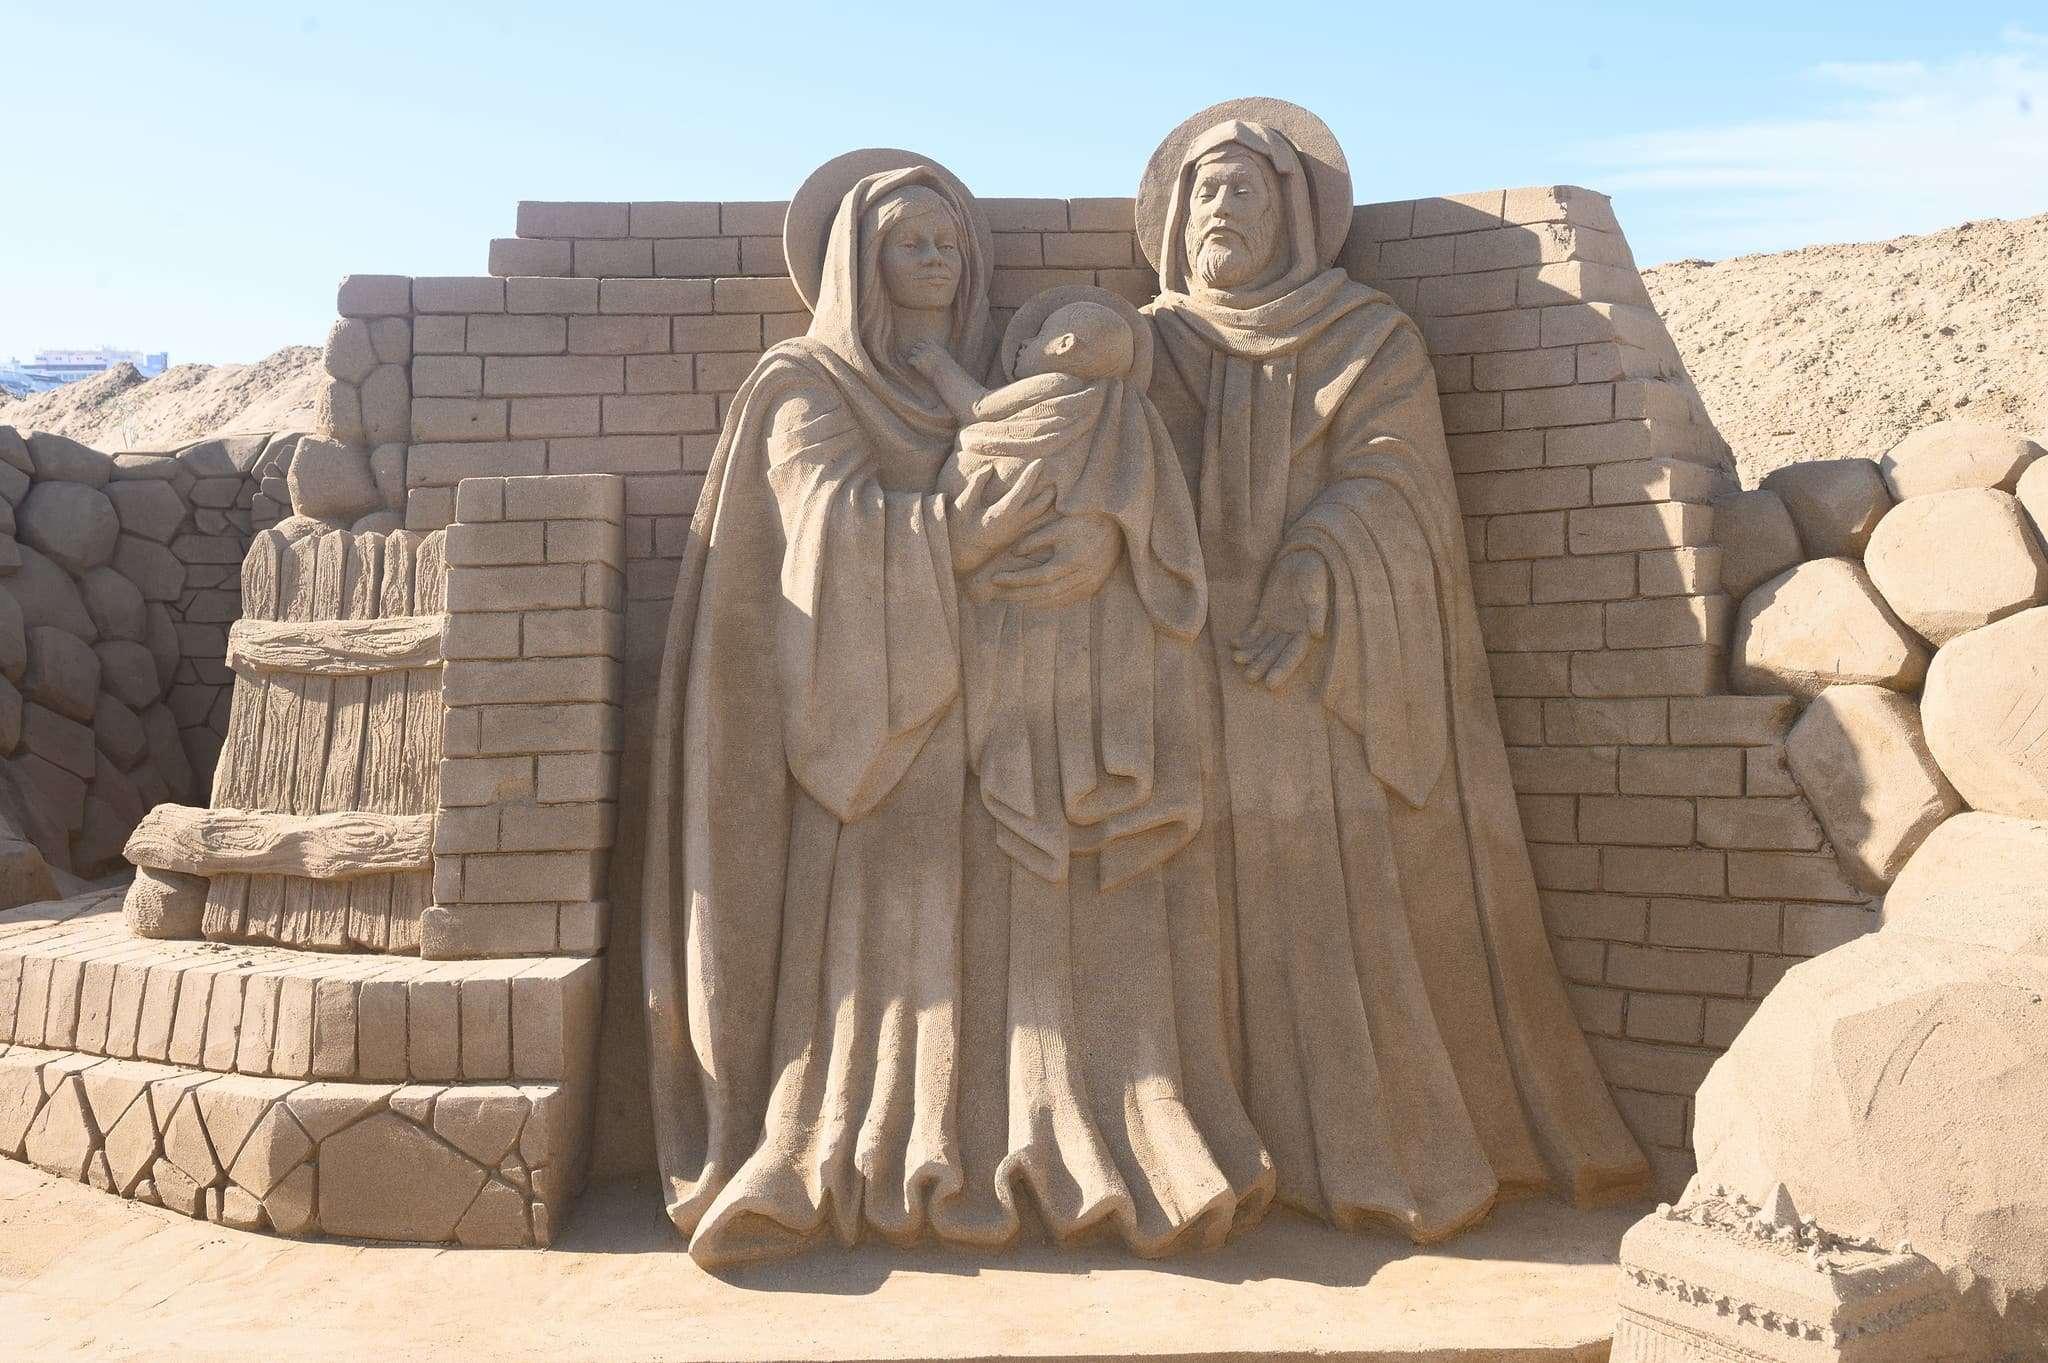 Un original Belén de arena para la navidad en Gran Canaria 59